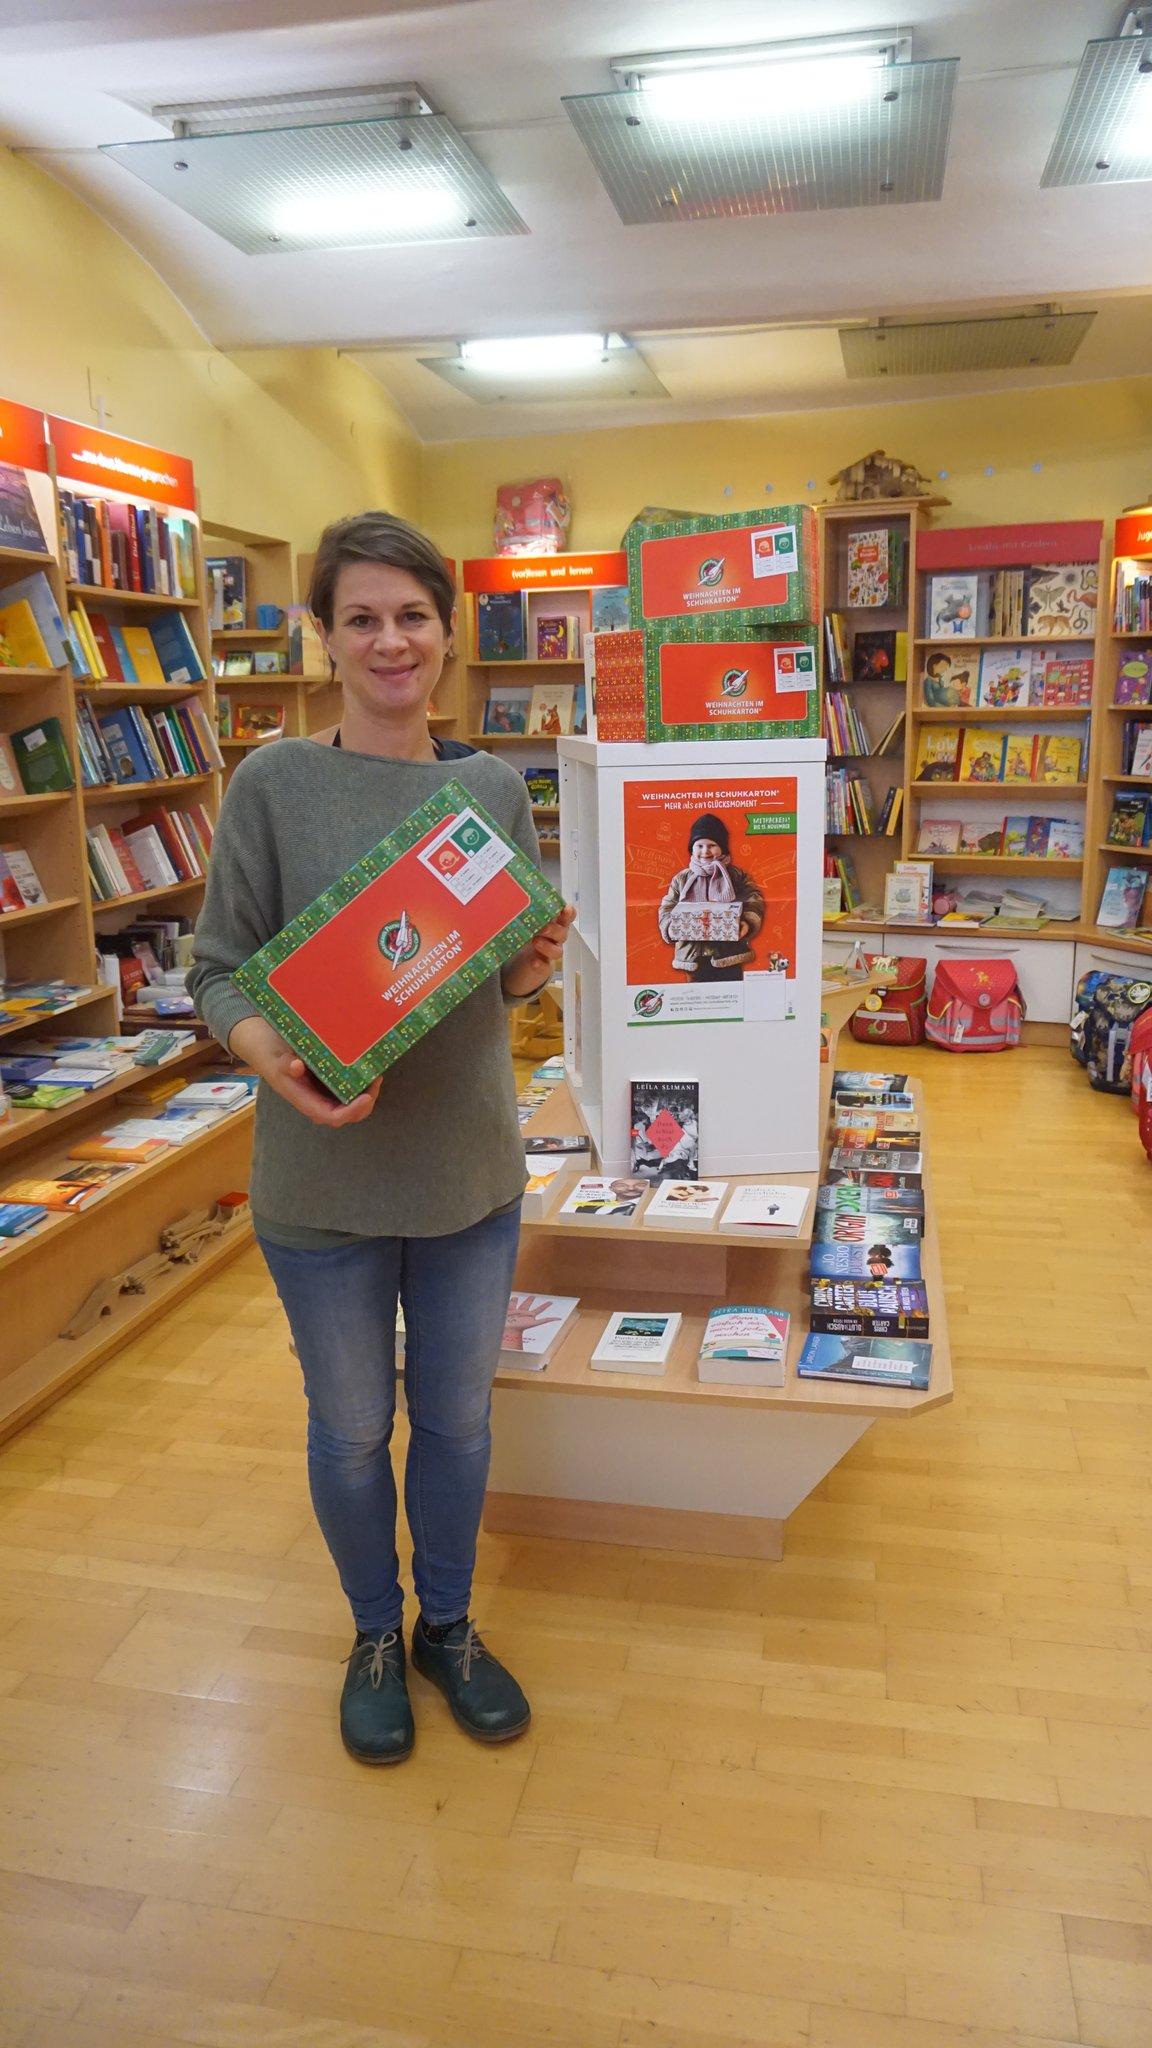 Weihnachten im Schuhkarton: Geschenke im Schuhkarton schenken ...